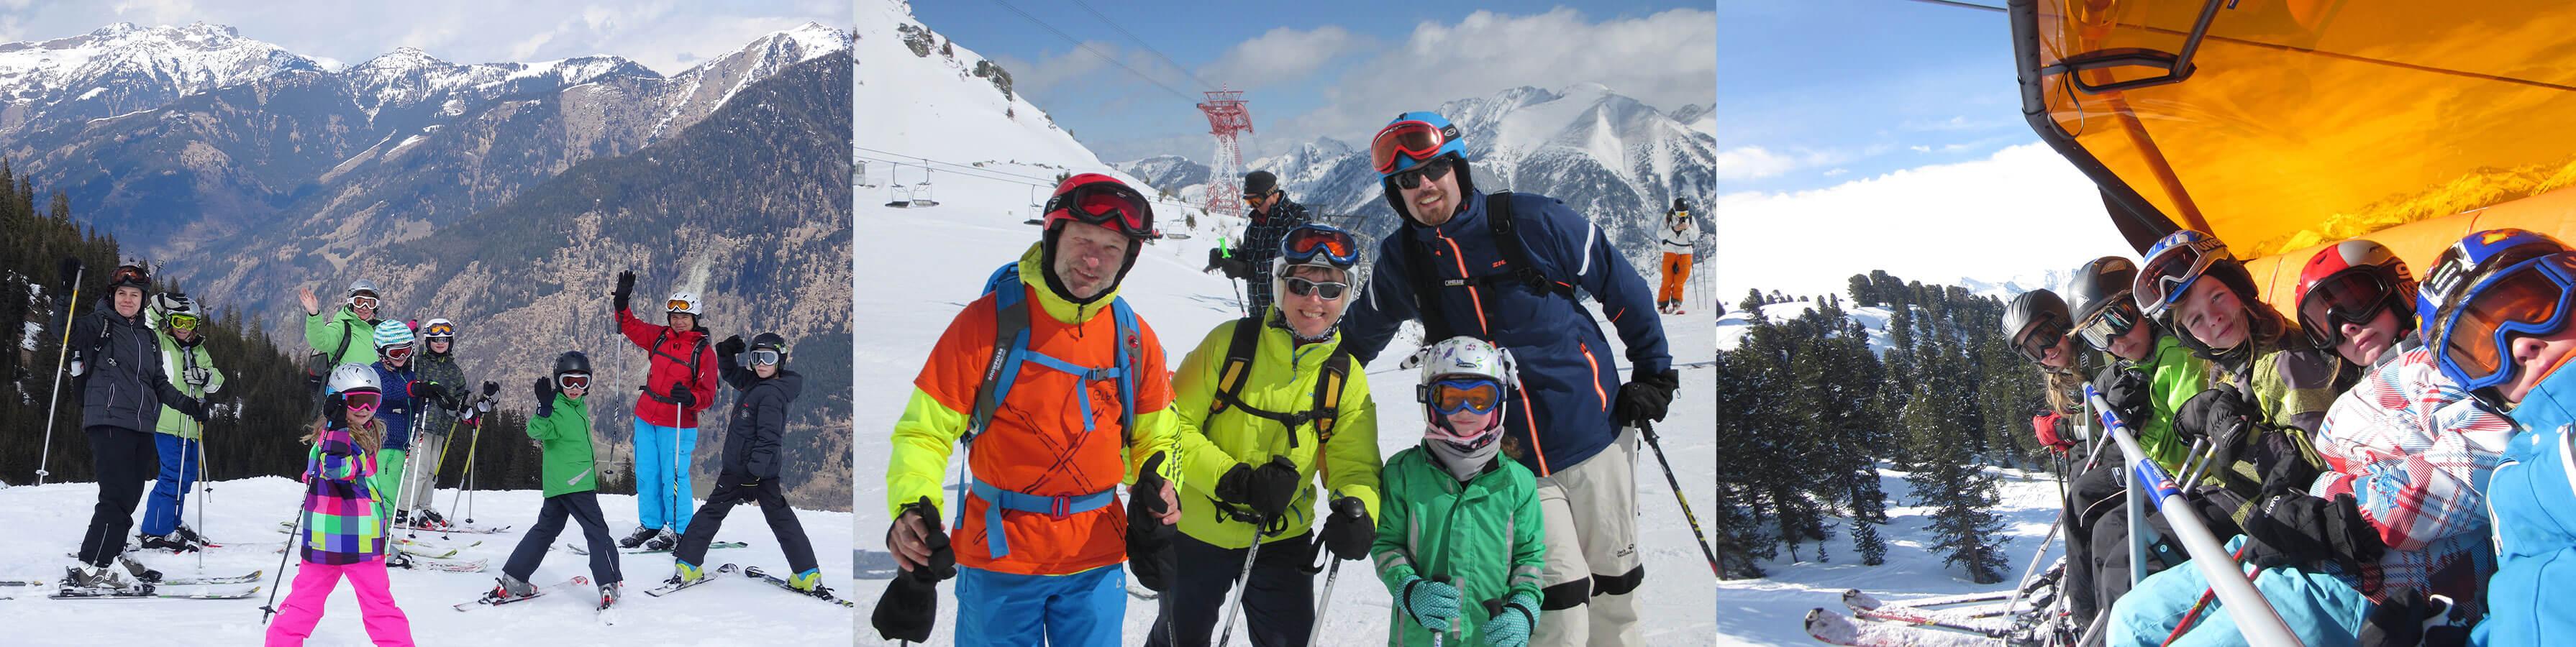 Eltern und Kinder beim Skifahren und im Sessellift